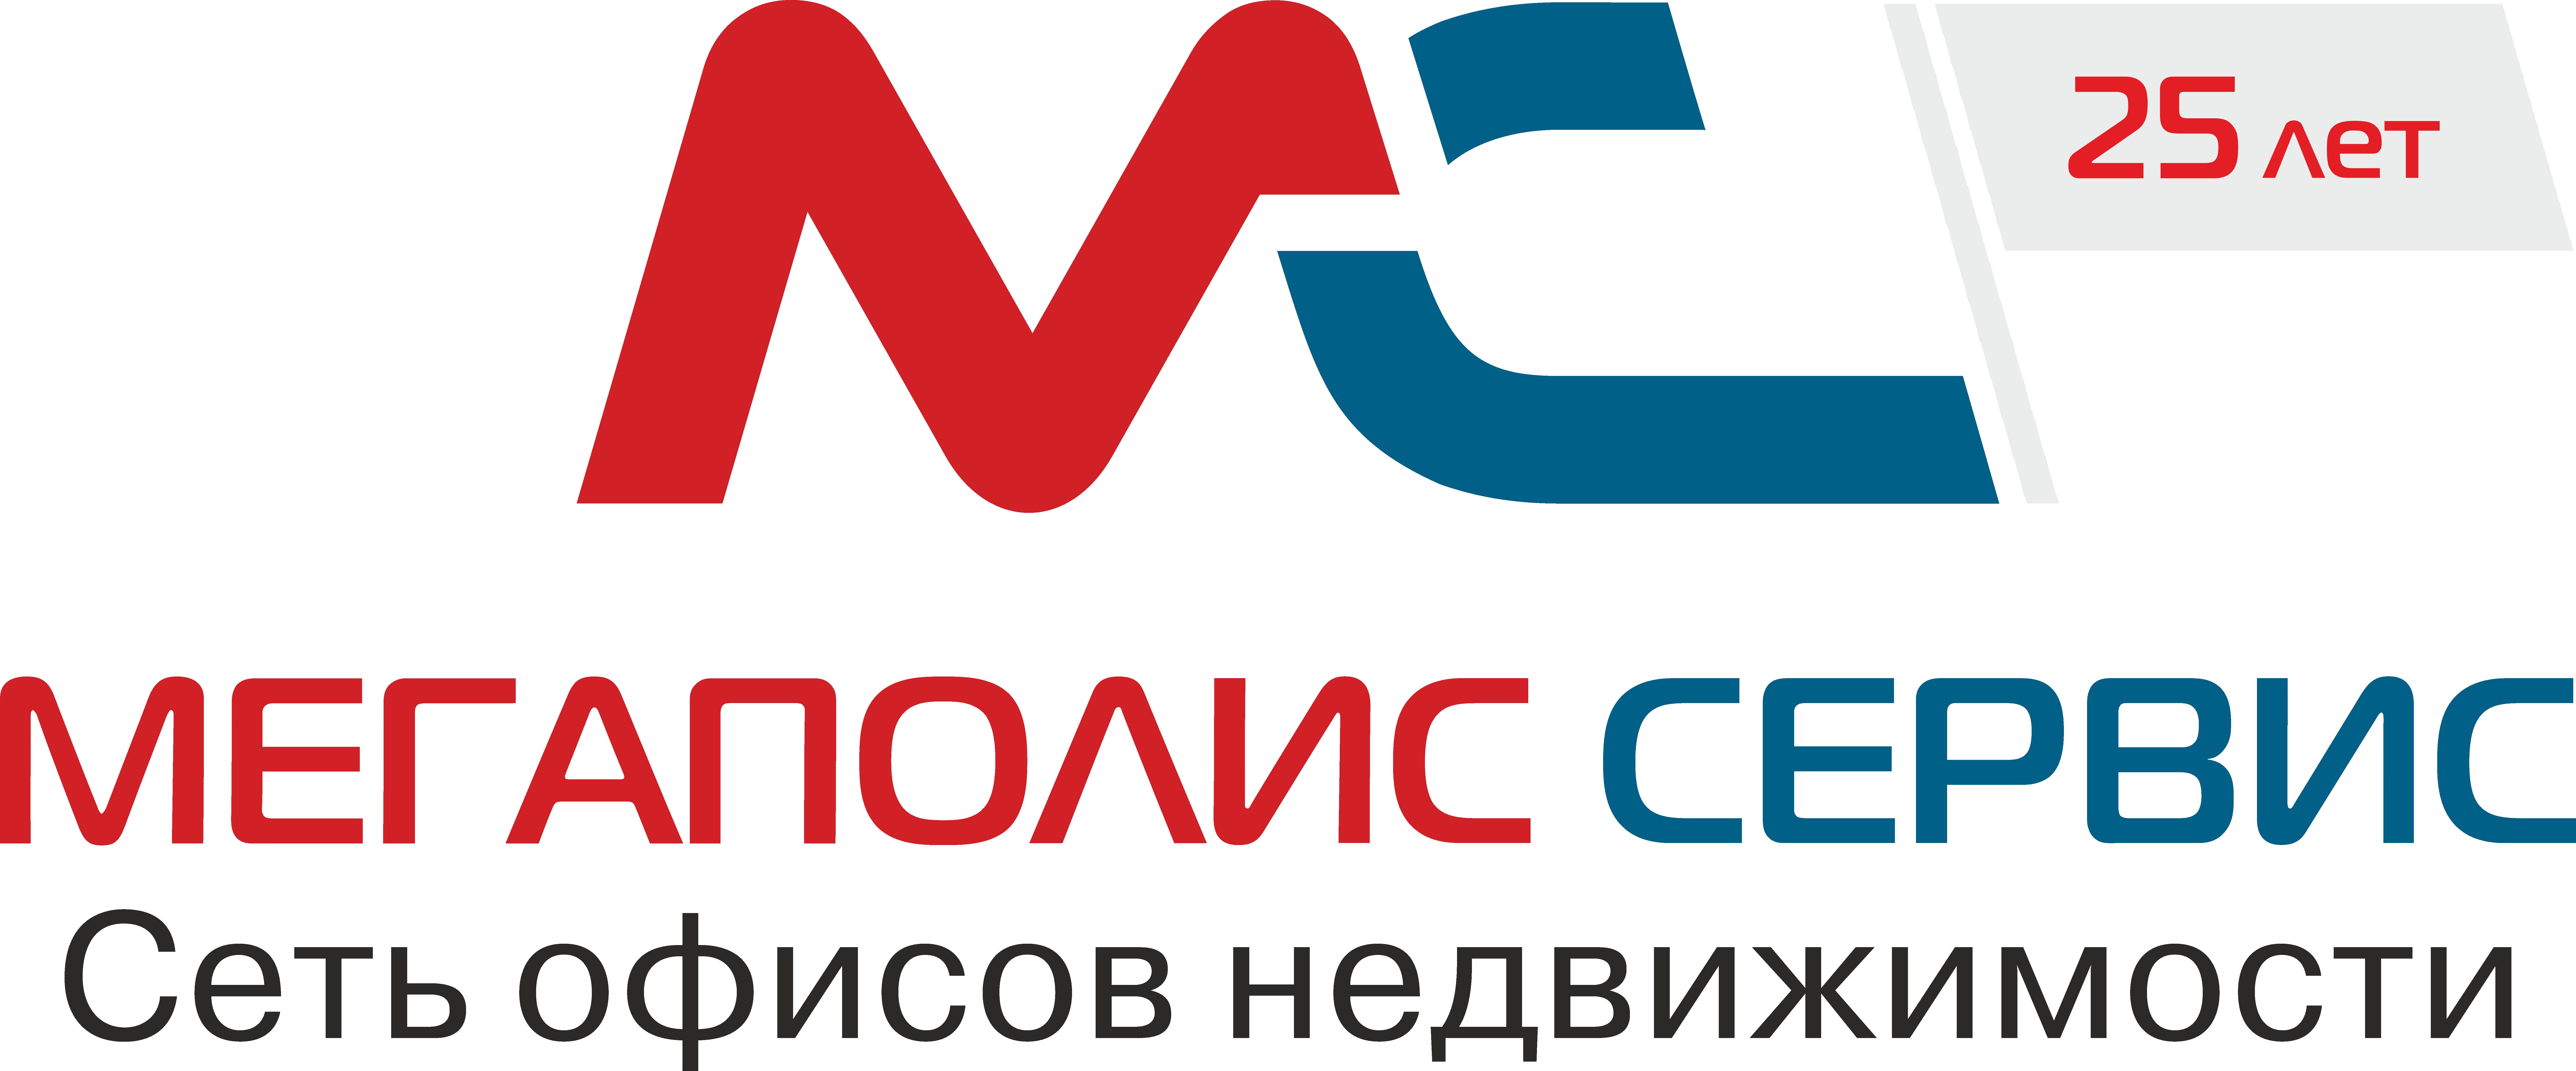 """Агентство недвижимости """"Мегаполис-Сервис"""" г. Нижний Новгород"""